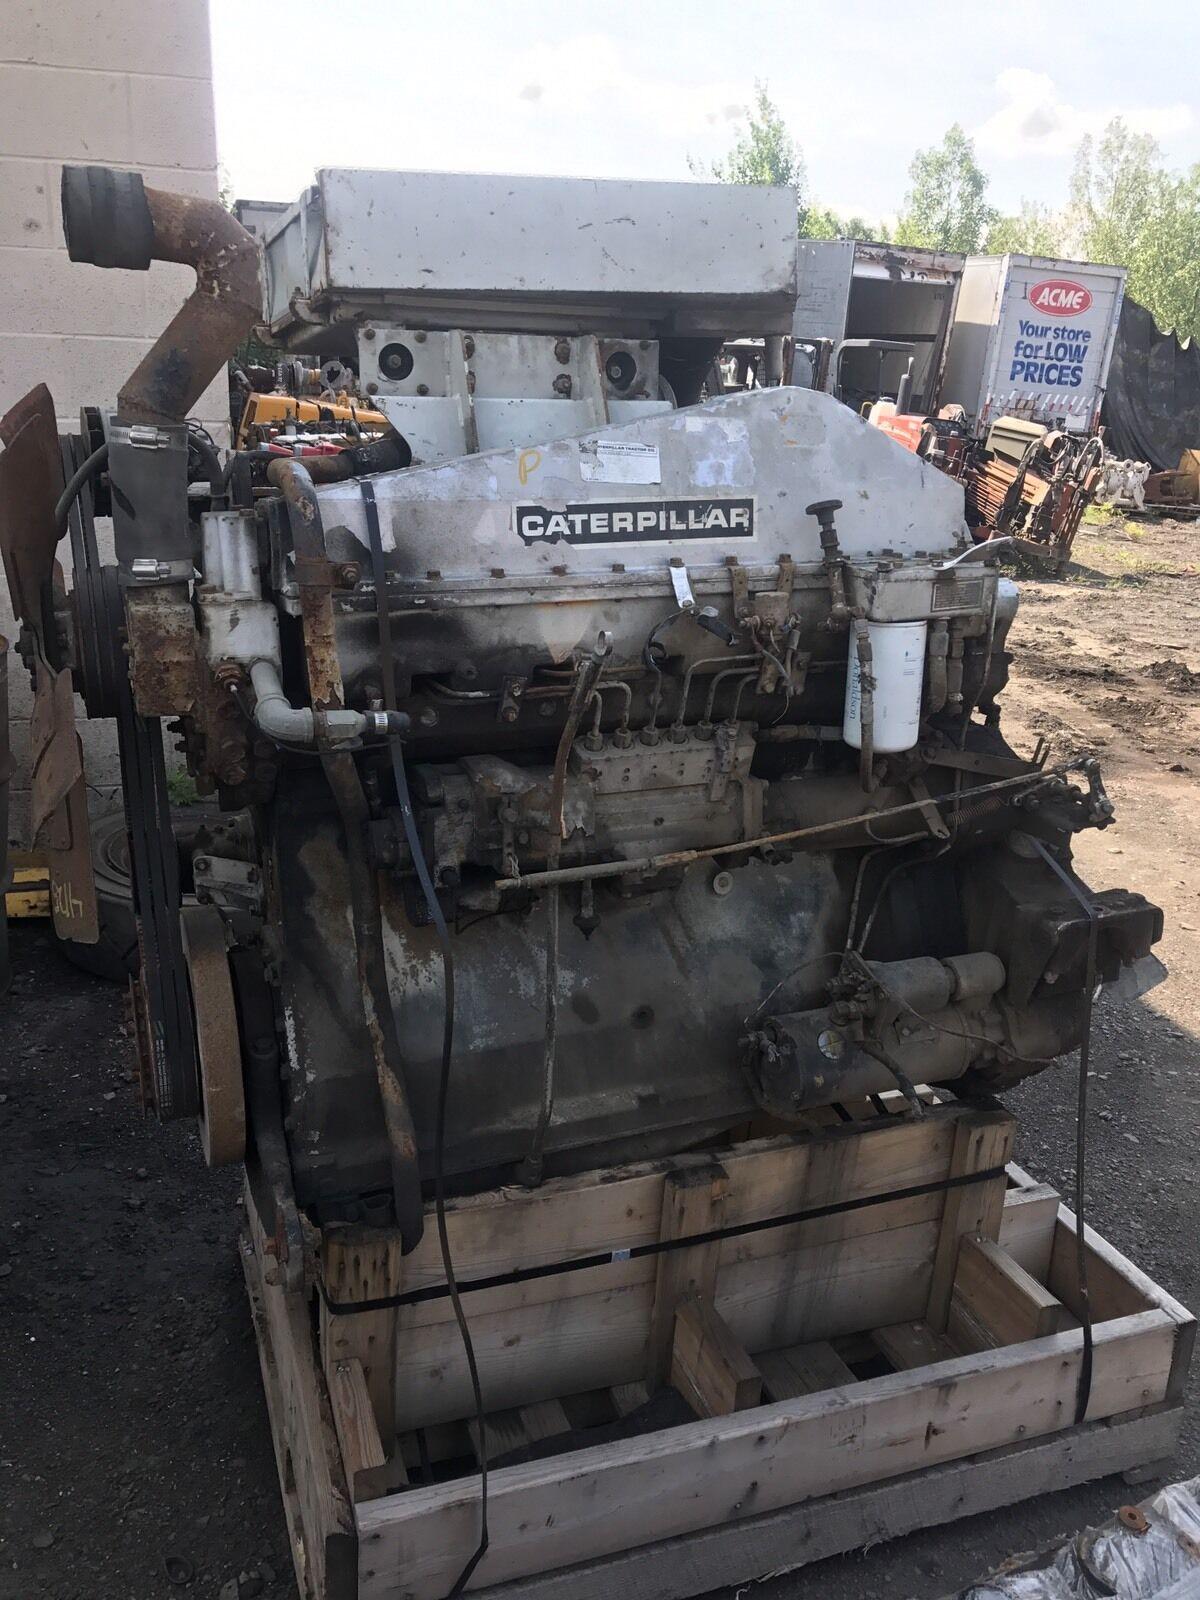 Caterpillar Cat 1674 Diesel Truck Engine Workshop Manual Manual Guide